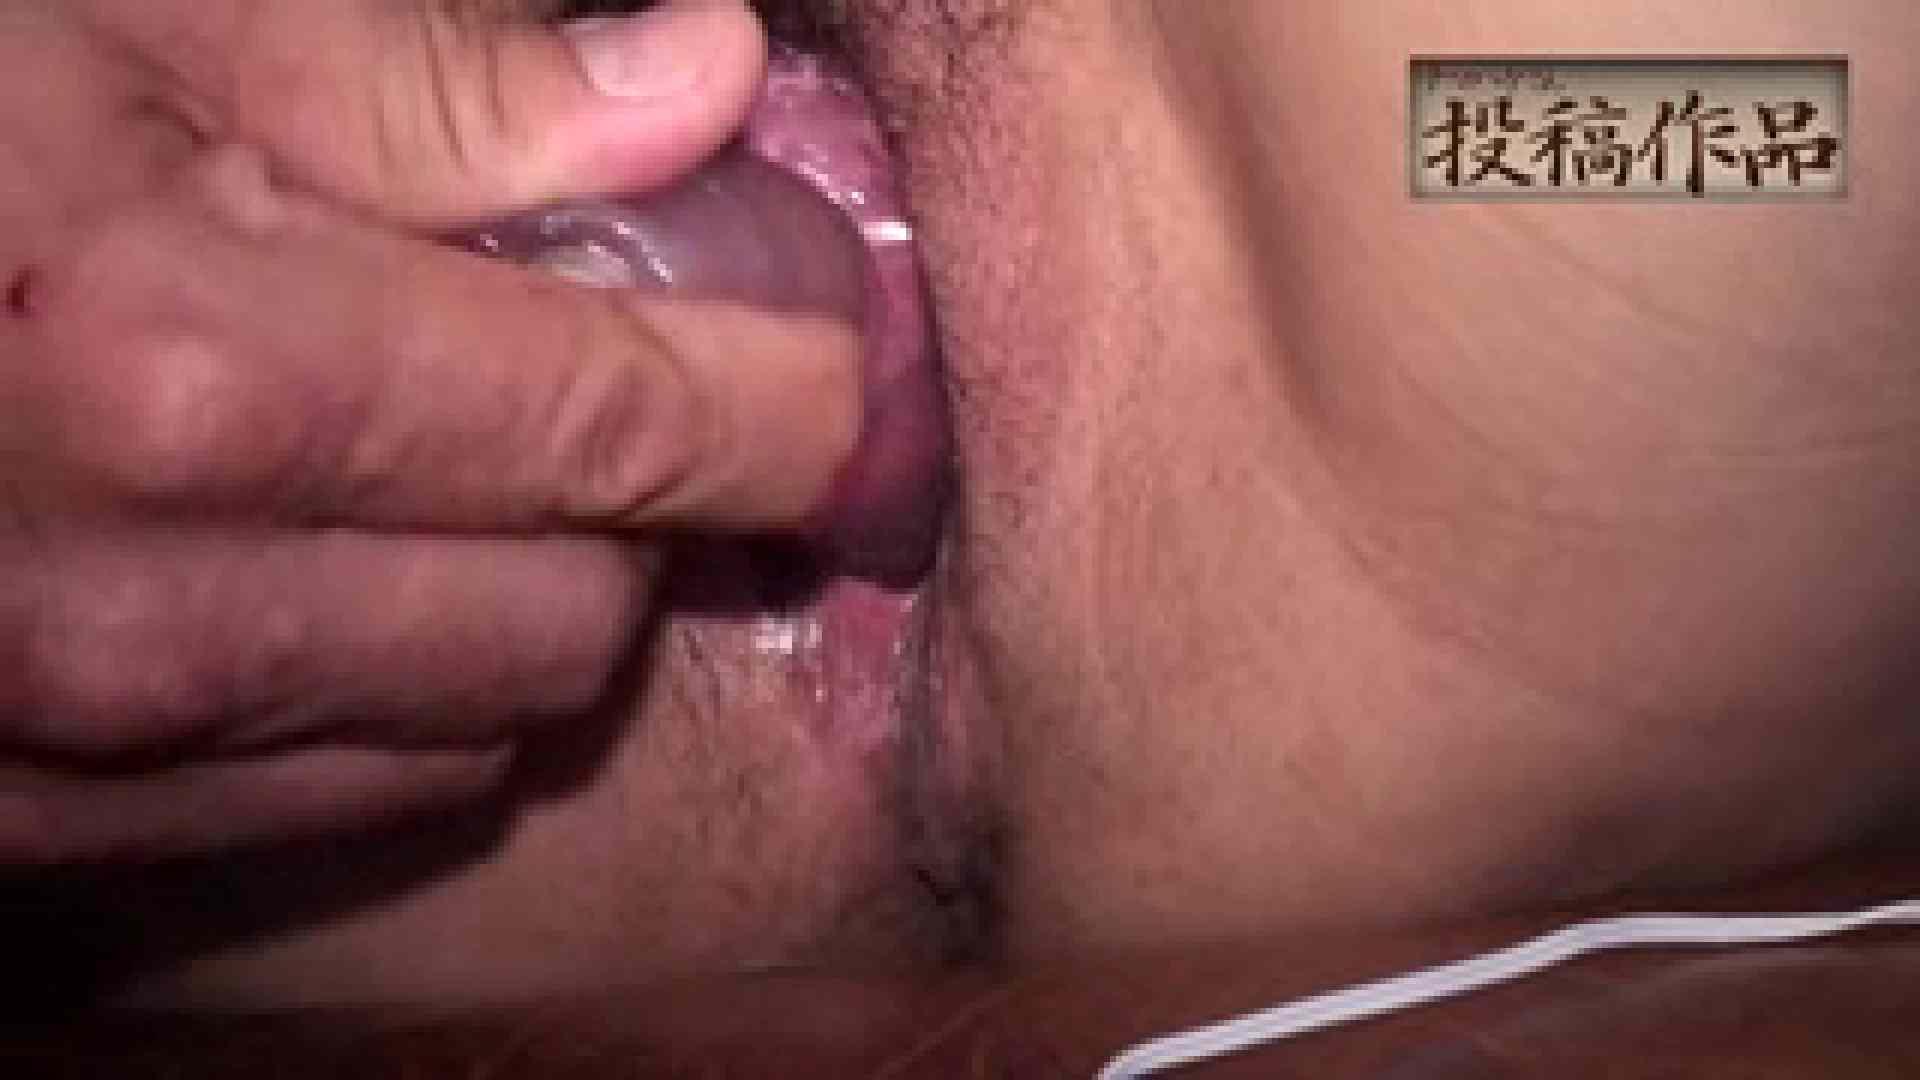 ナマハゲさんのまんこコレクション kana 人妻丸裸  81pic 75